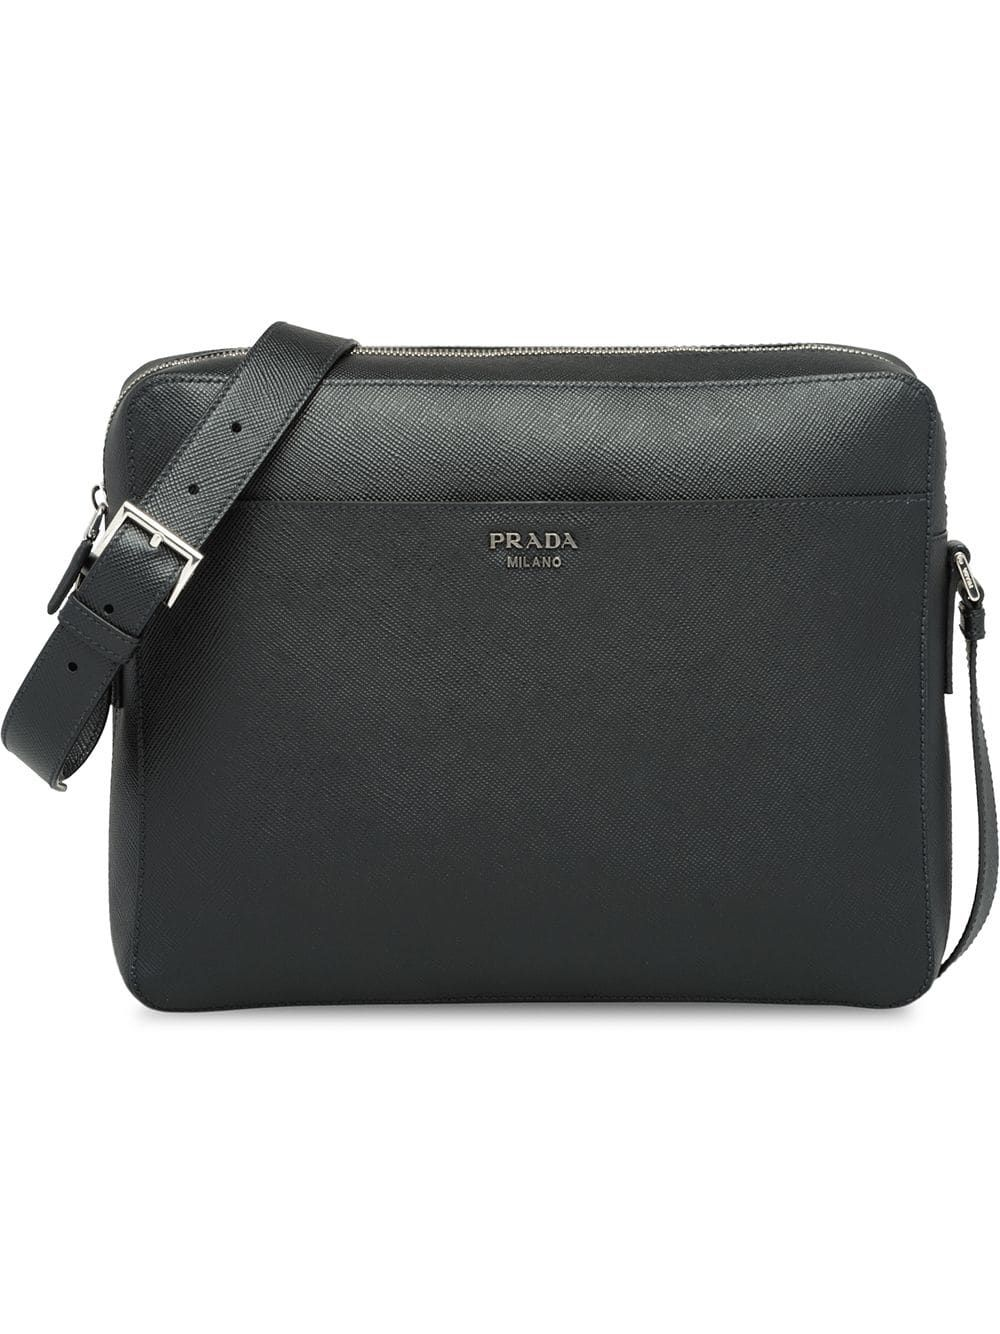 PRADA PRADA SAFFIANO LEATHER SHOULDER BAG - BLACK.  prada  bags  shoulder  bags  leather e540f64b26d5c